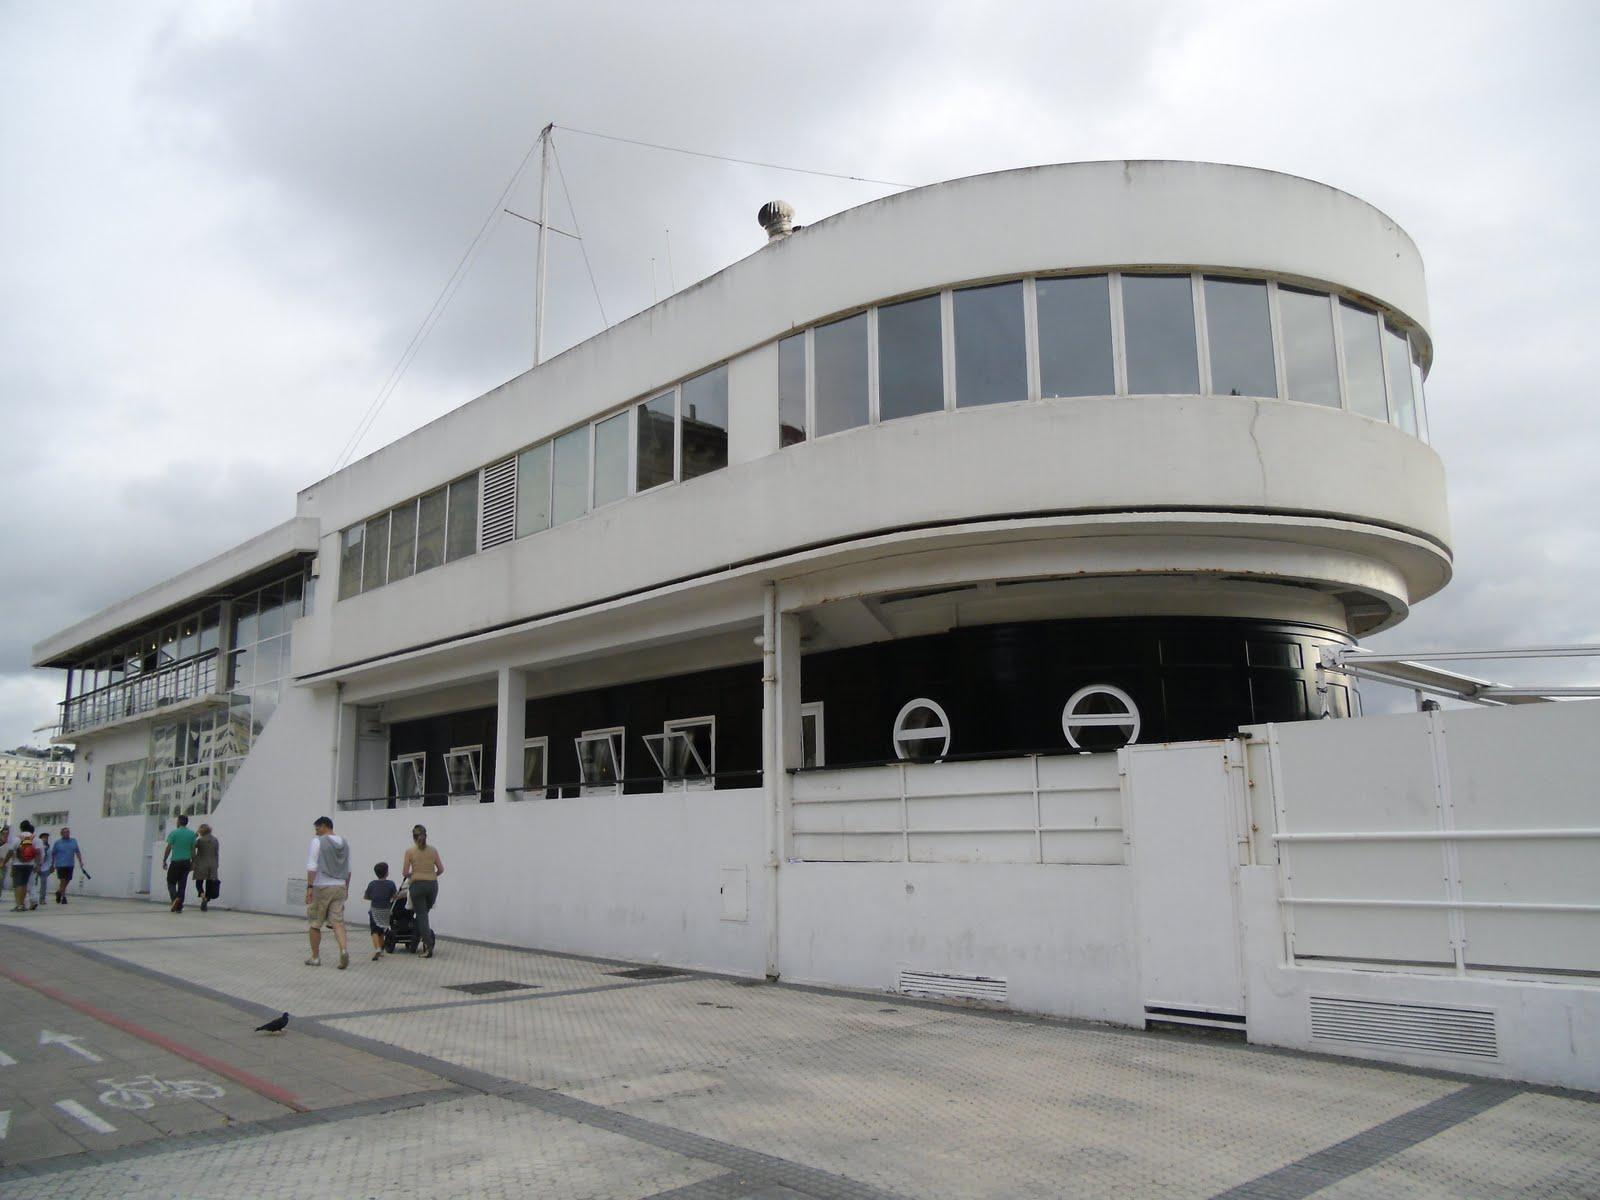 Club nautico de san sebasti n 1929 arquitectura de - Arquitectos san sebastian ...